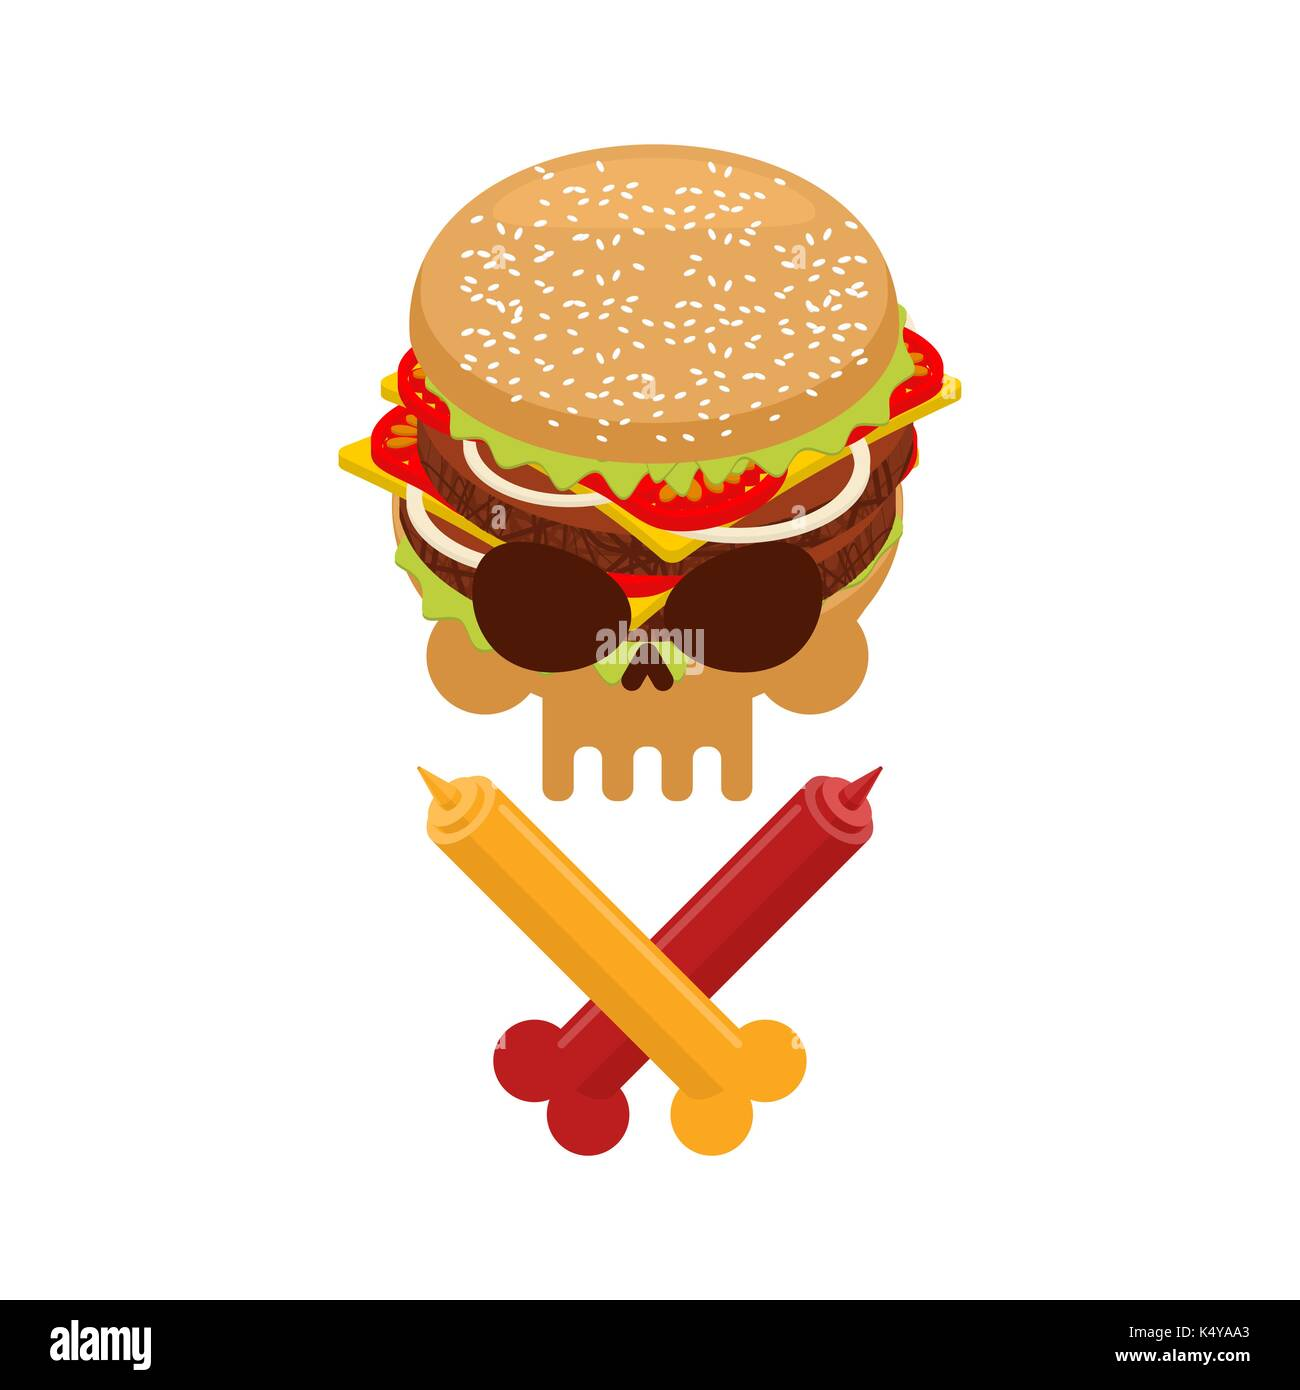 Hamburger And Ketchup And Mustard Symbol Harm Is Danger Of Fast